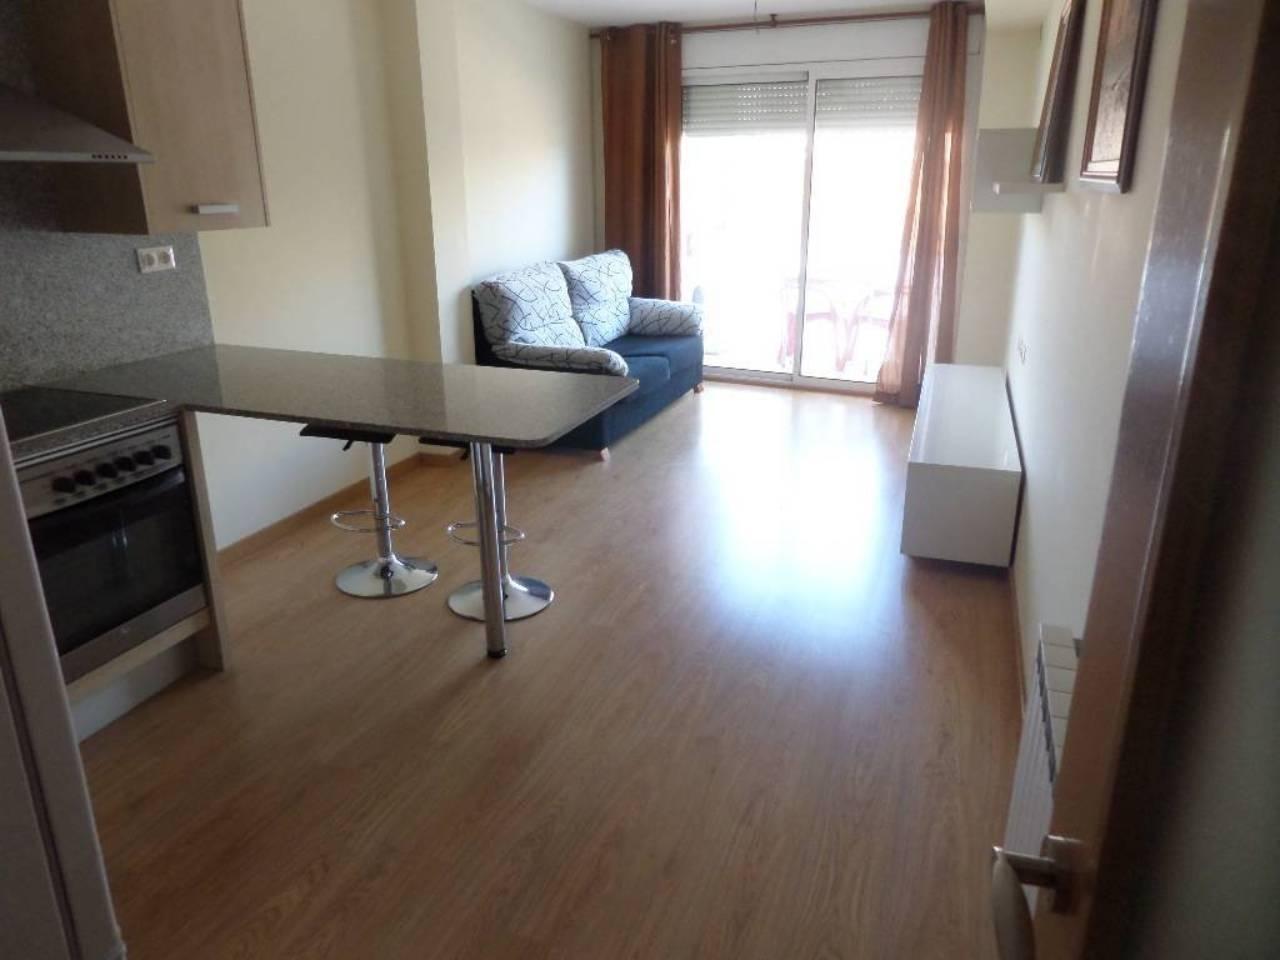 Lloguer Pis  Calle francesc. Torrefarrera, con muebles , parking y trastero incluido, apartam